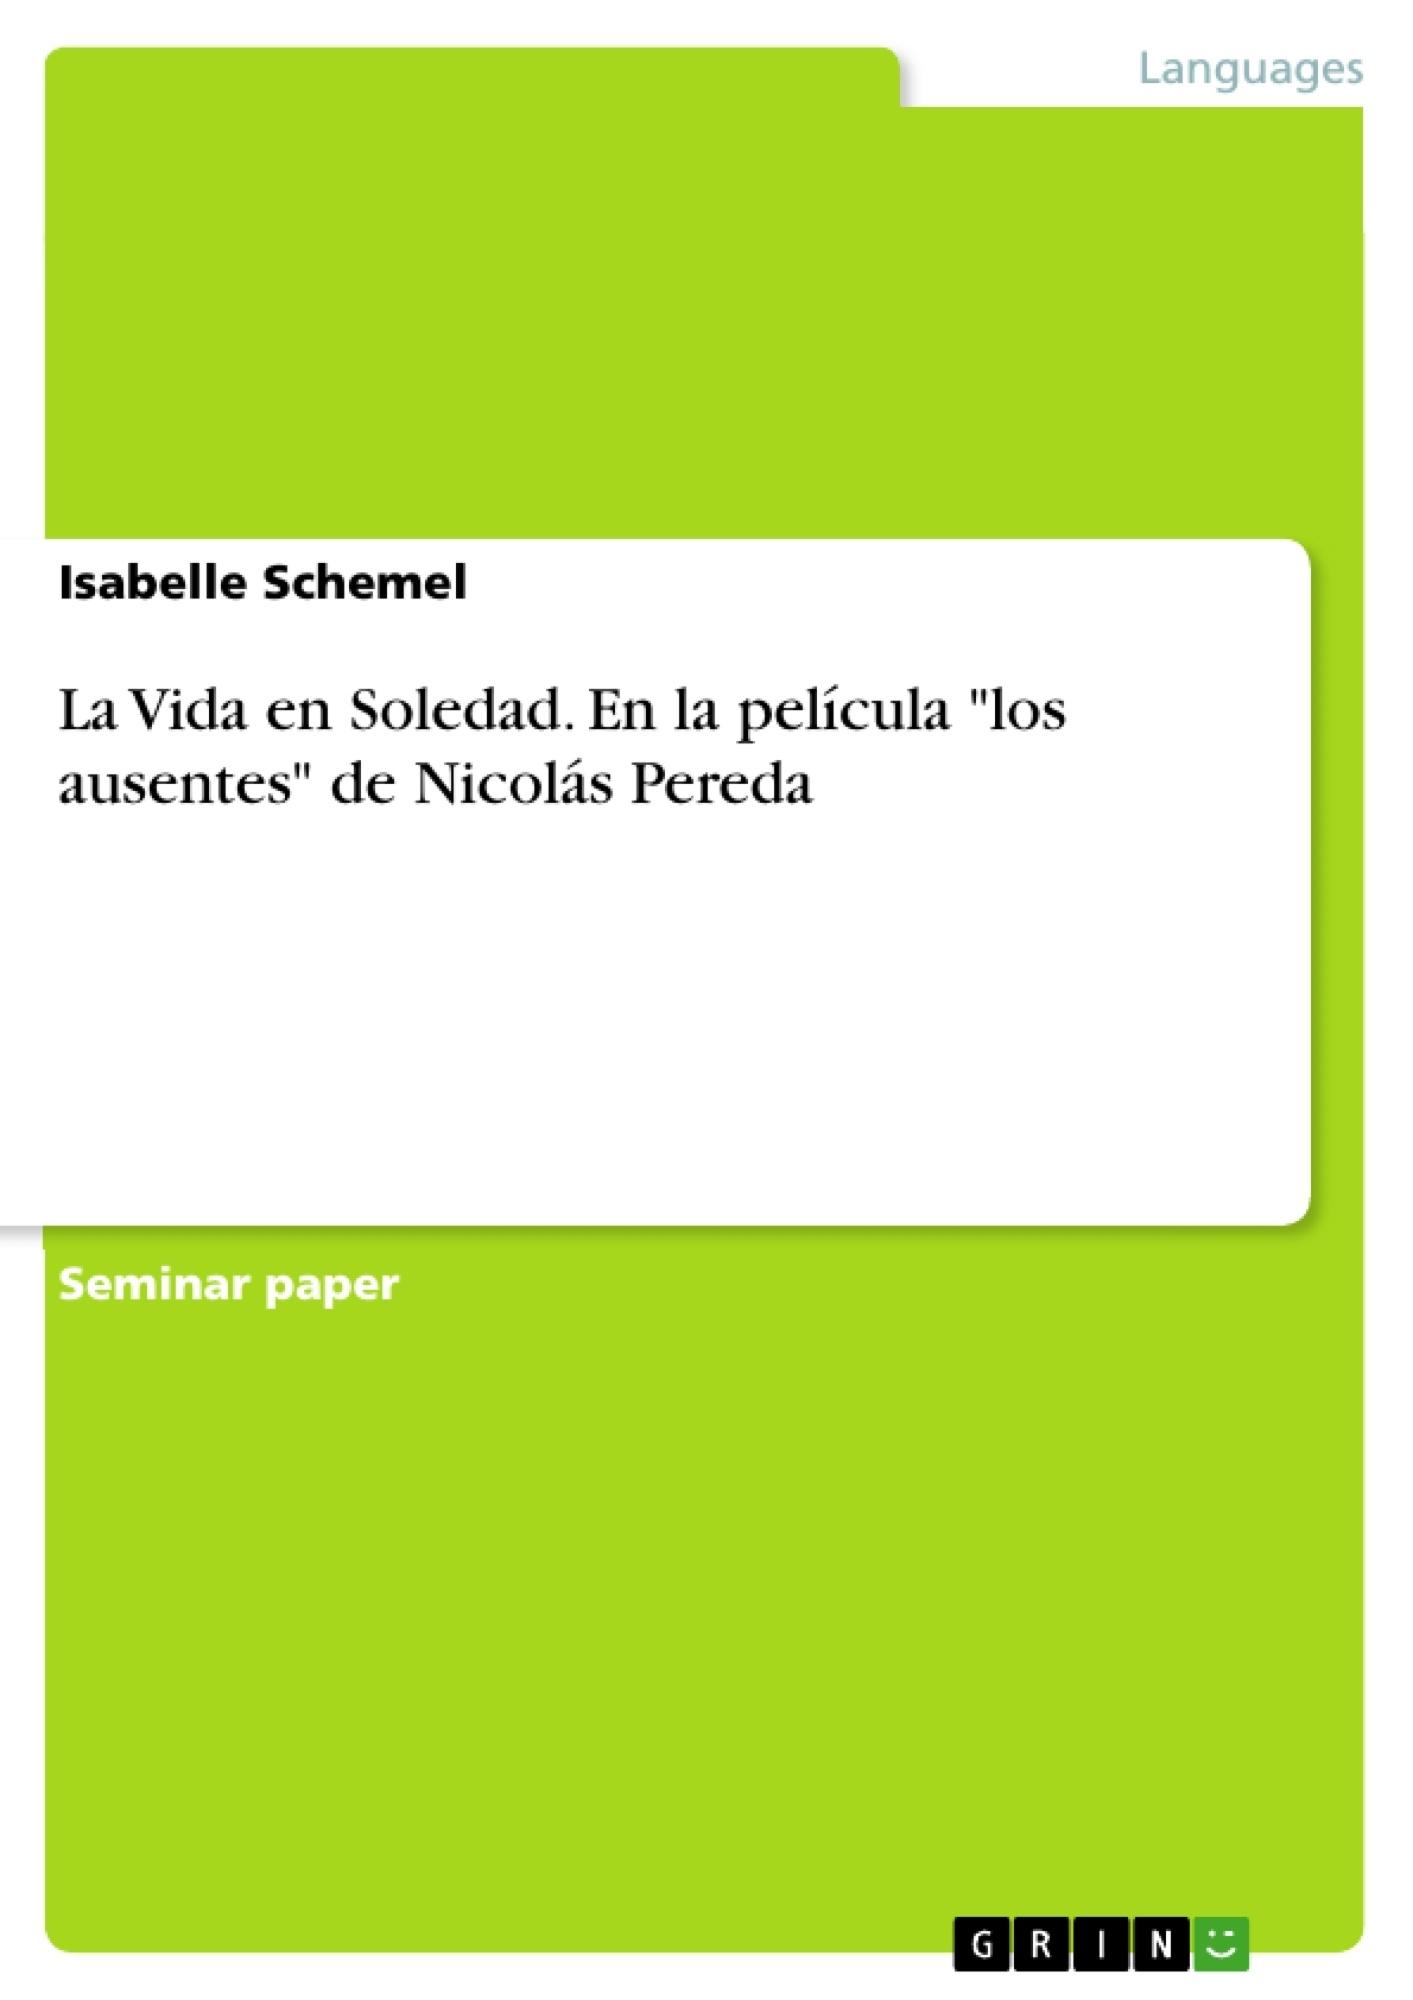 """Título: La Vida en Soledad. En la película """"los ausentes"""" de Nicolás Pereda"""